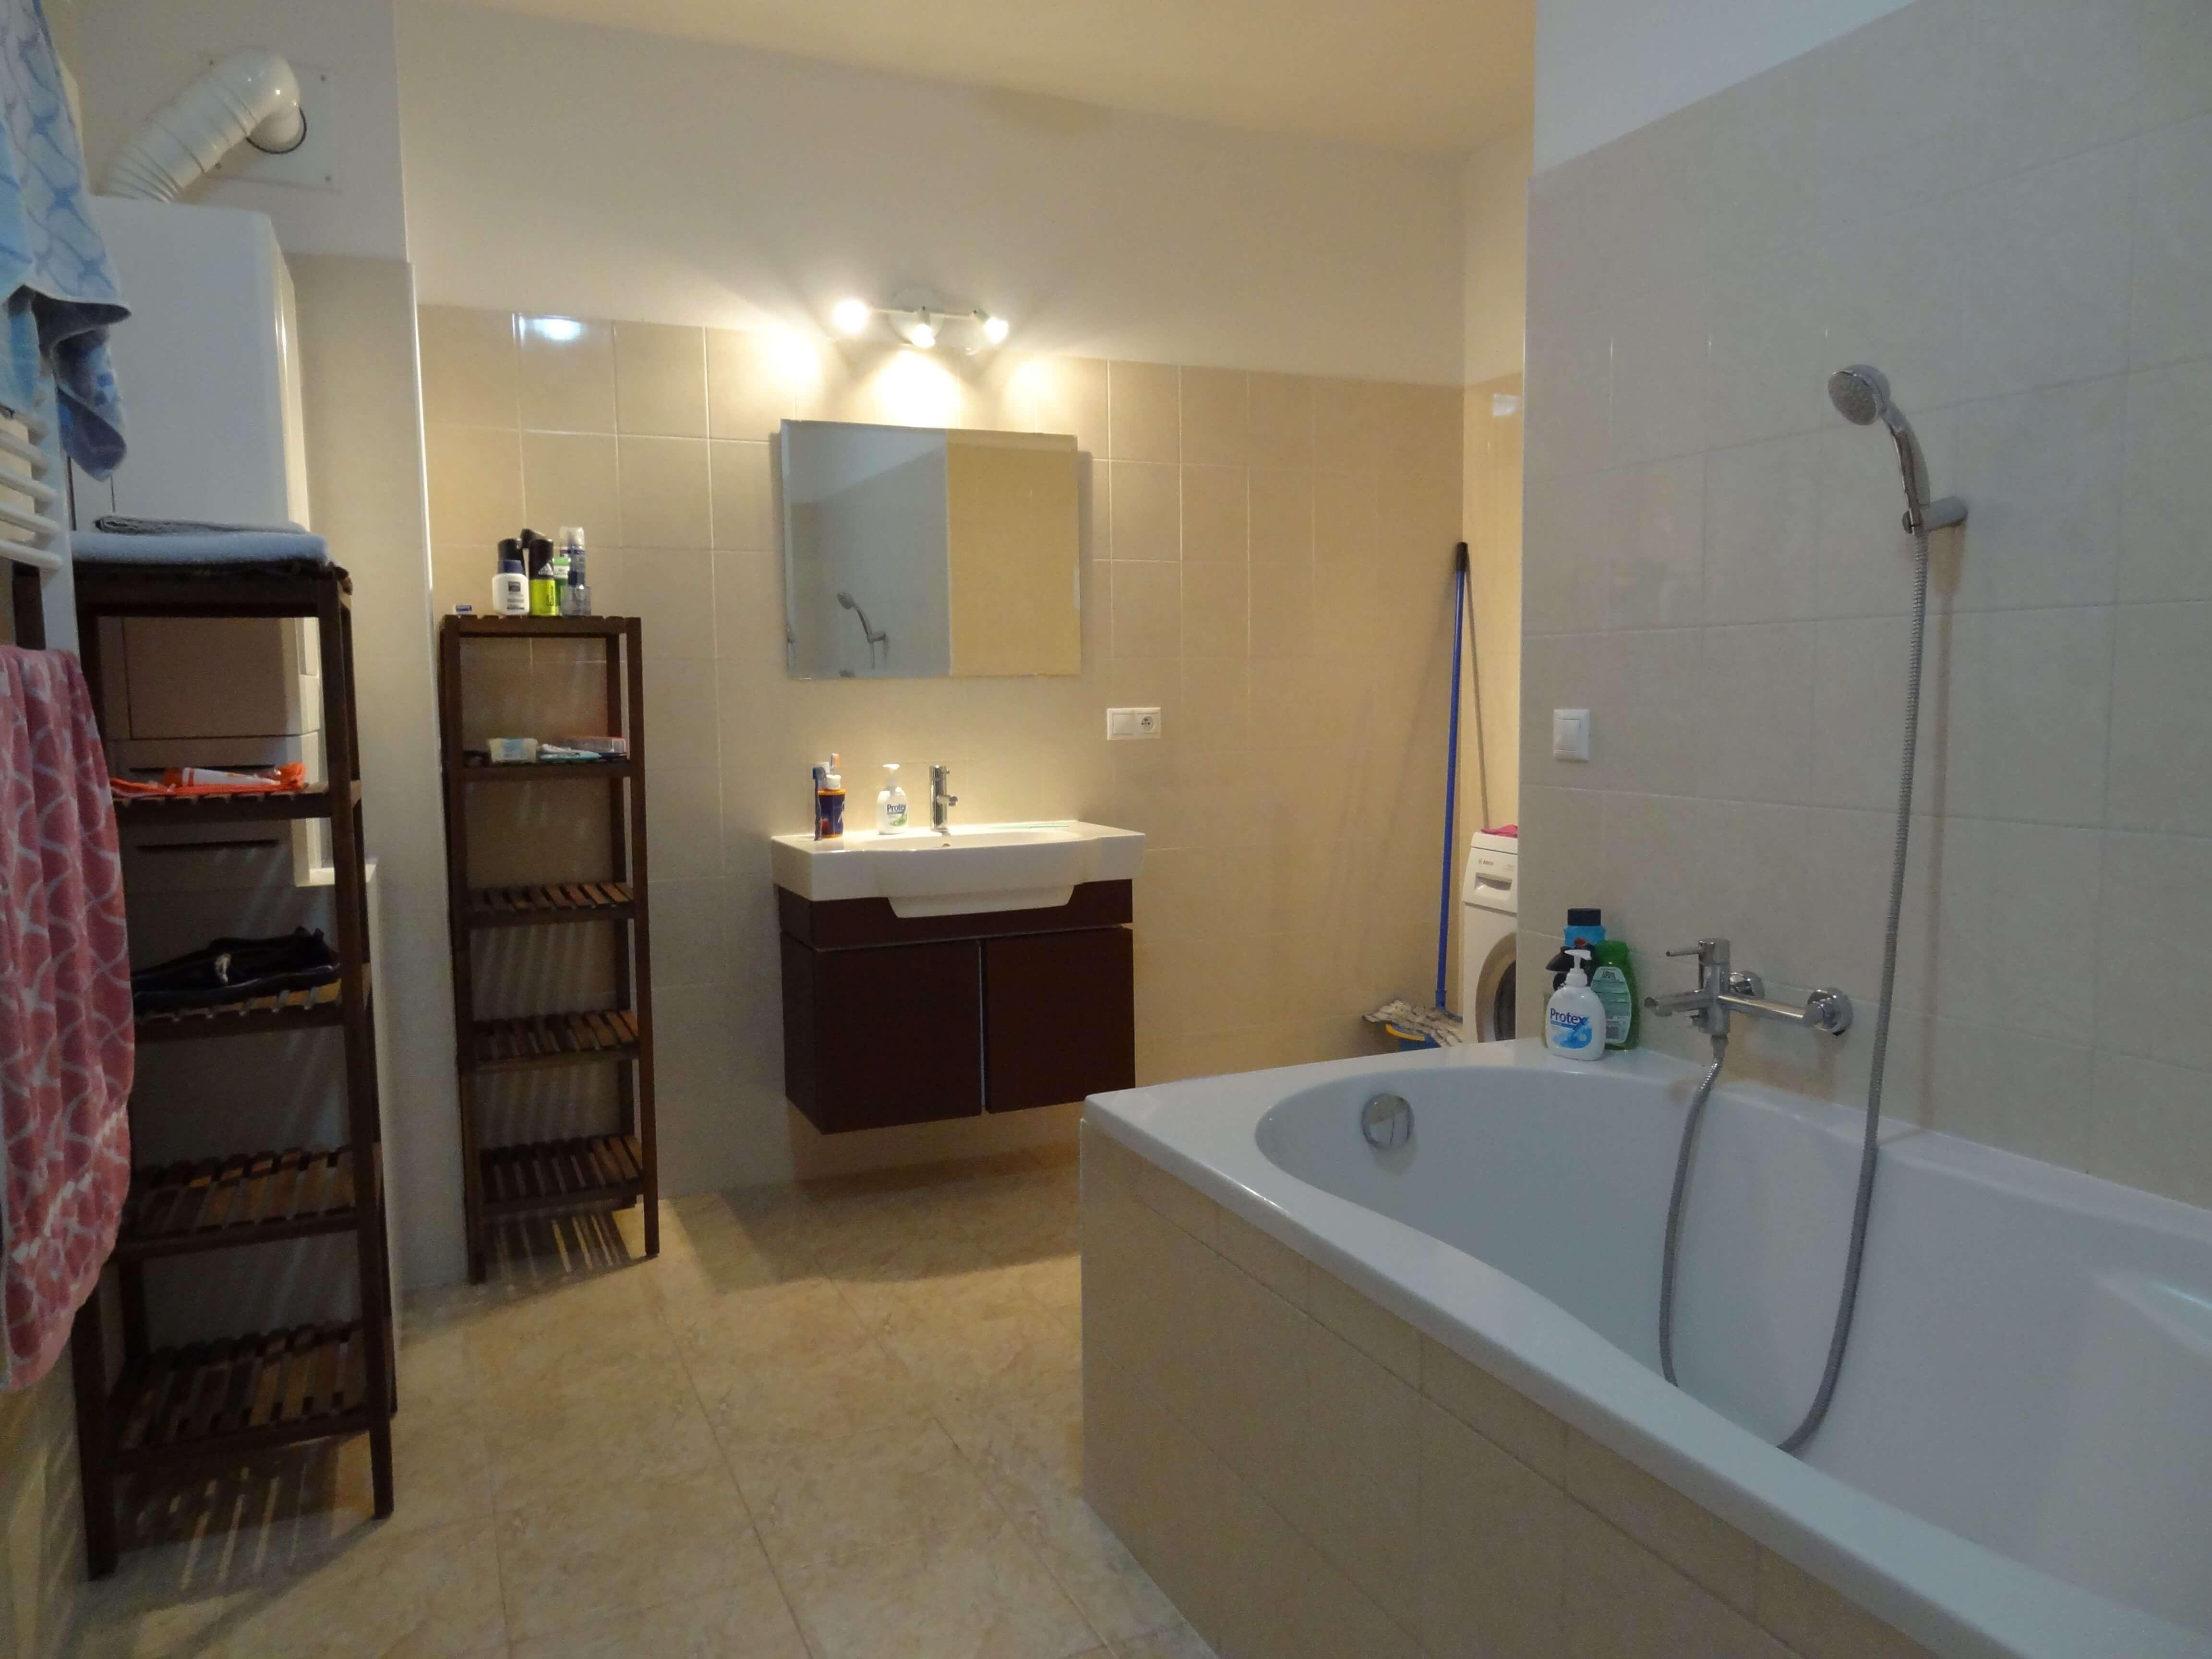 Rezervovaný: Exkluzívne na predaj 3 Izbový byt v novostavbe, 87,2m2, loggia 7,4m2, Družstevná, Hamuliakovo-15